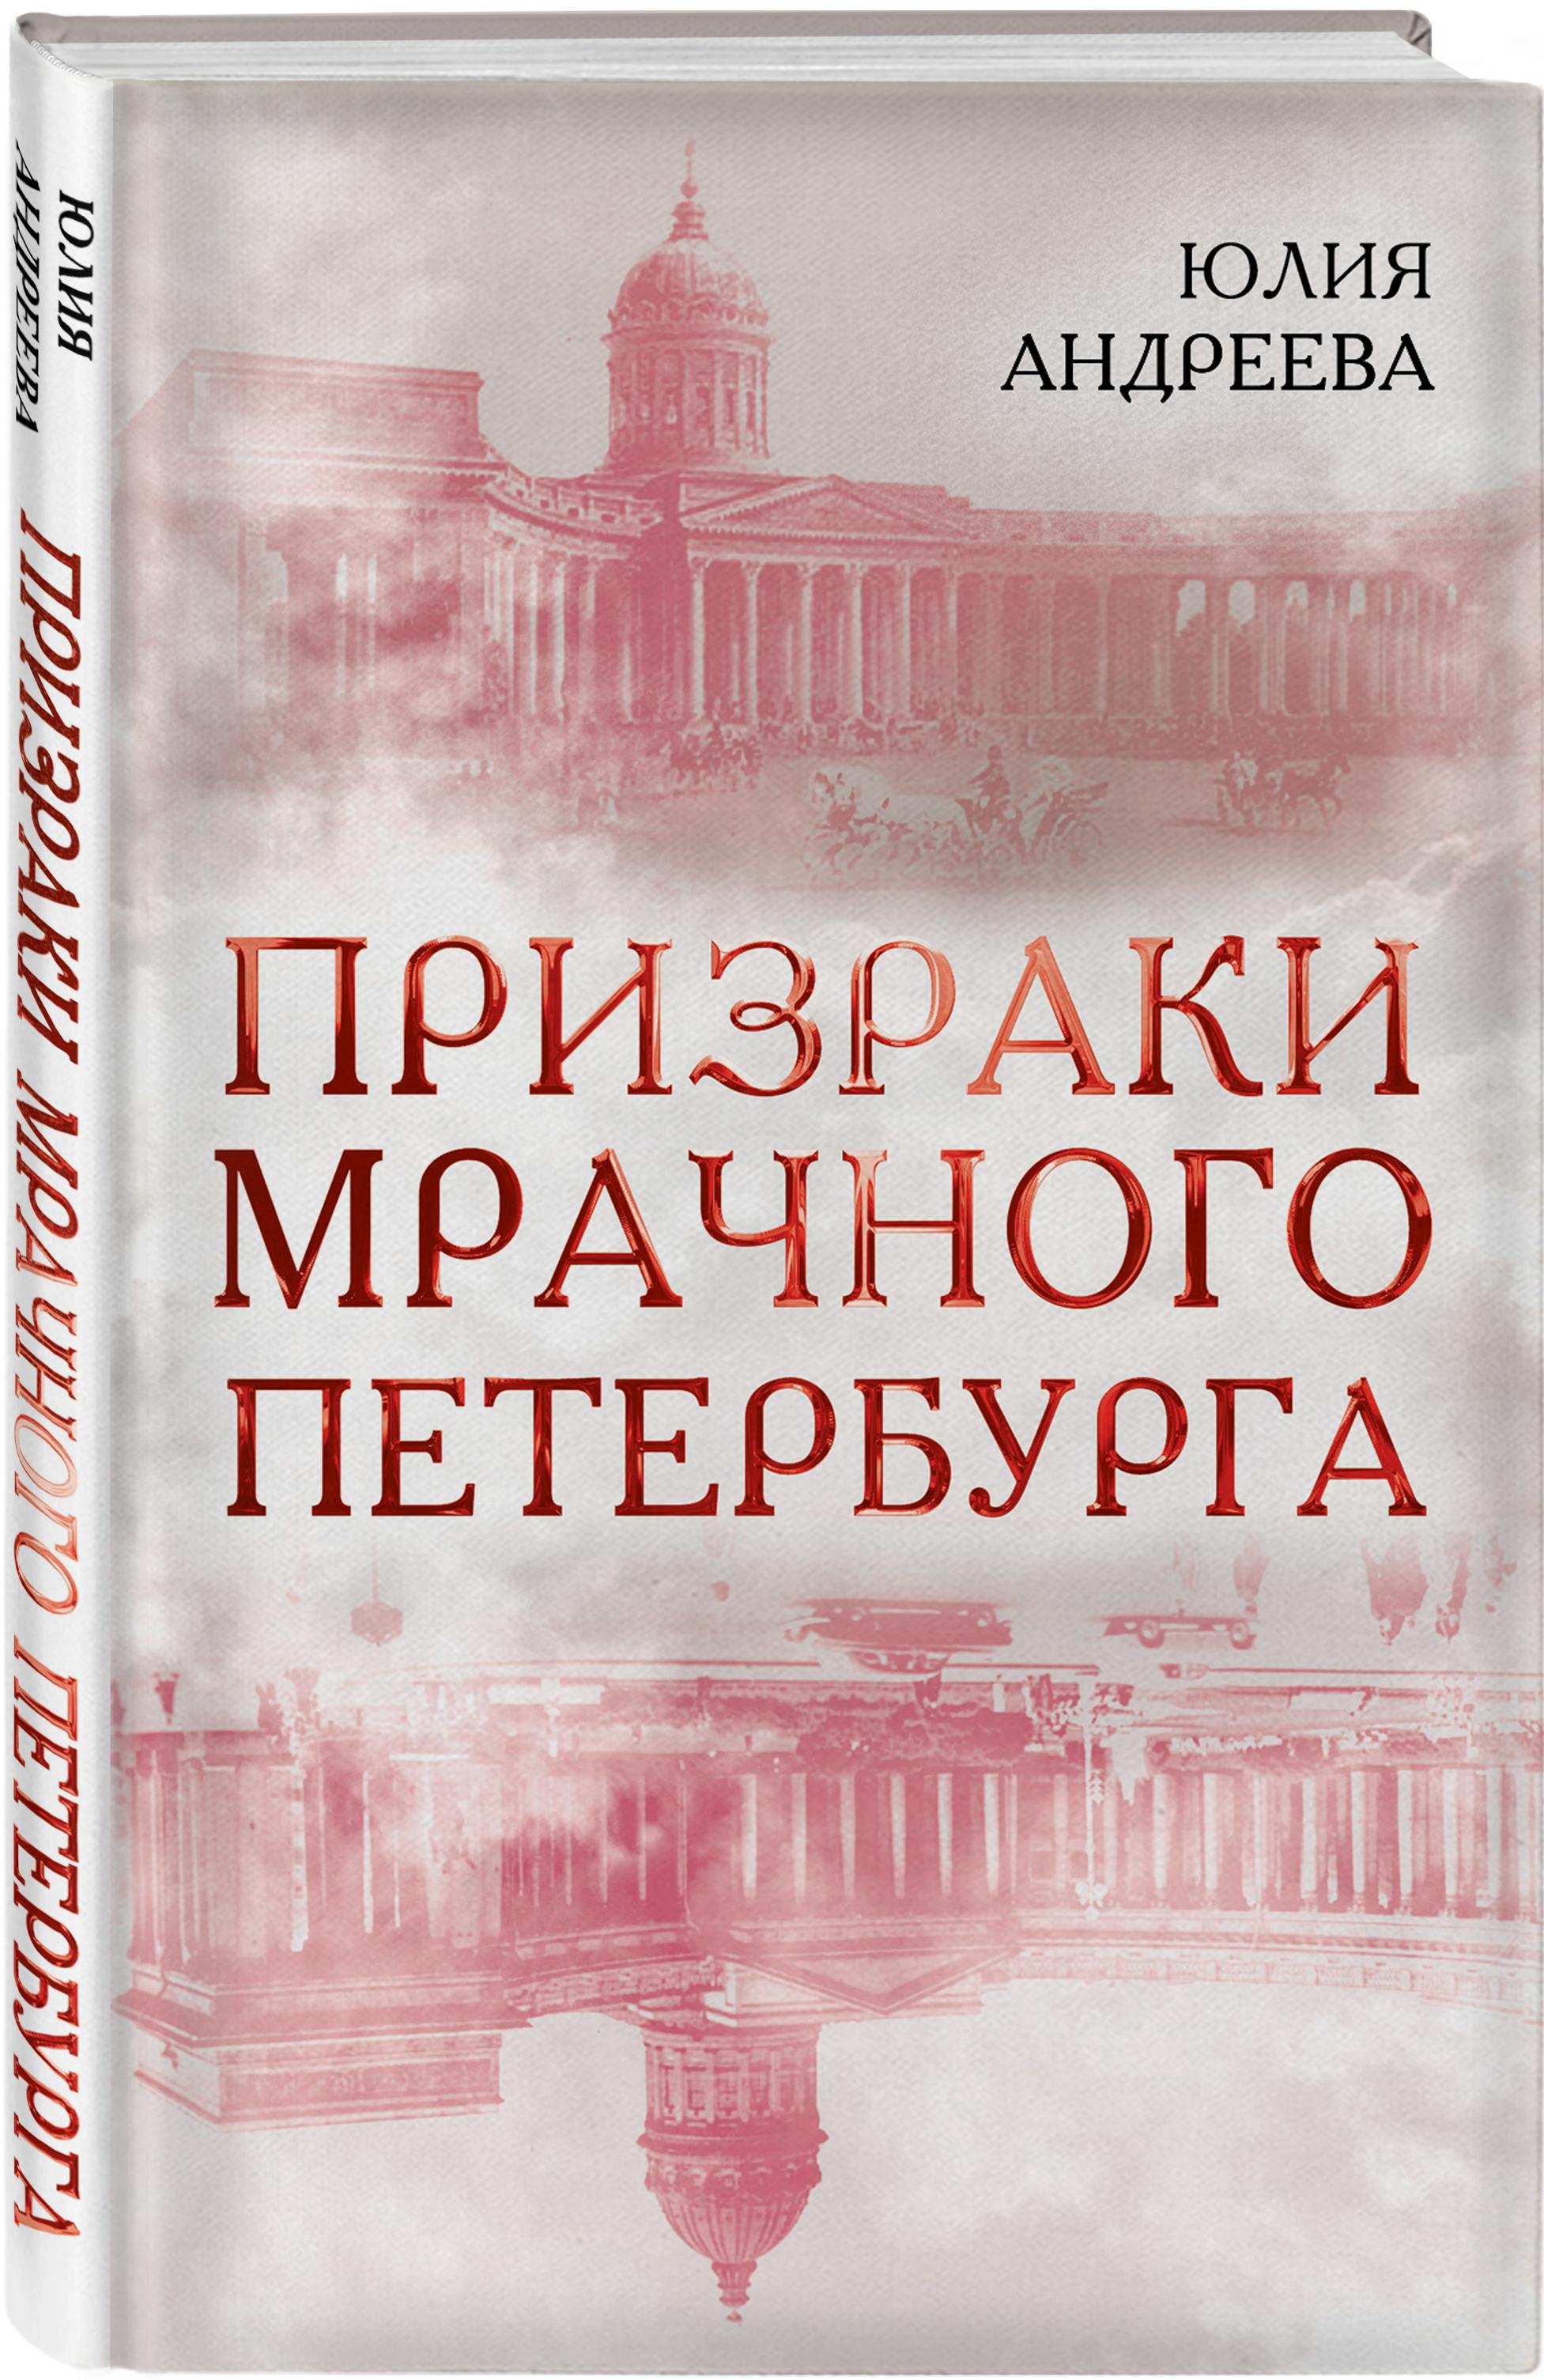 Призраки мрачного Петербурга от book24.ru